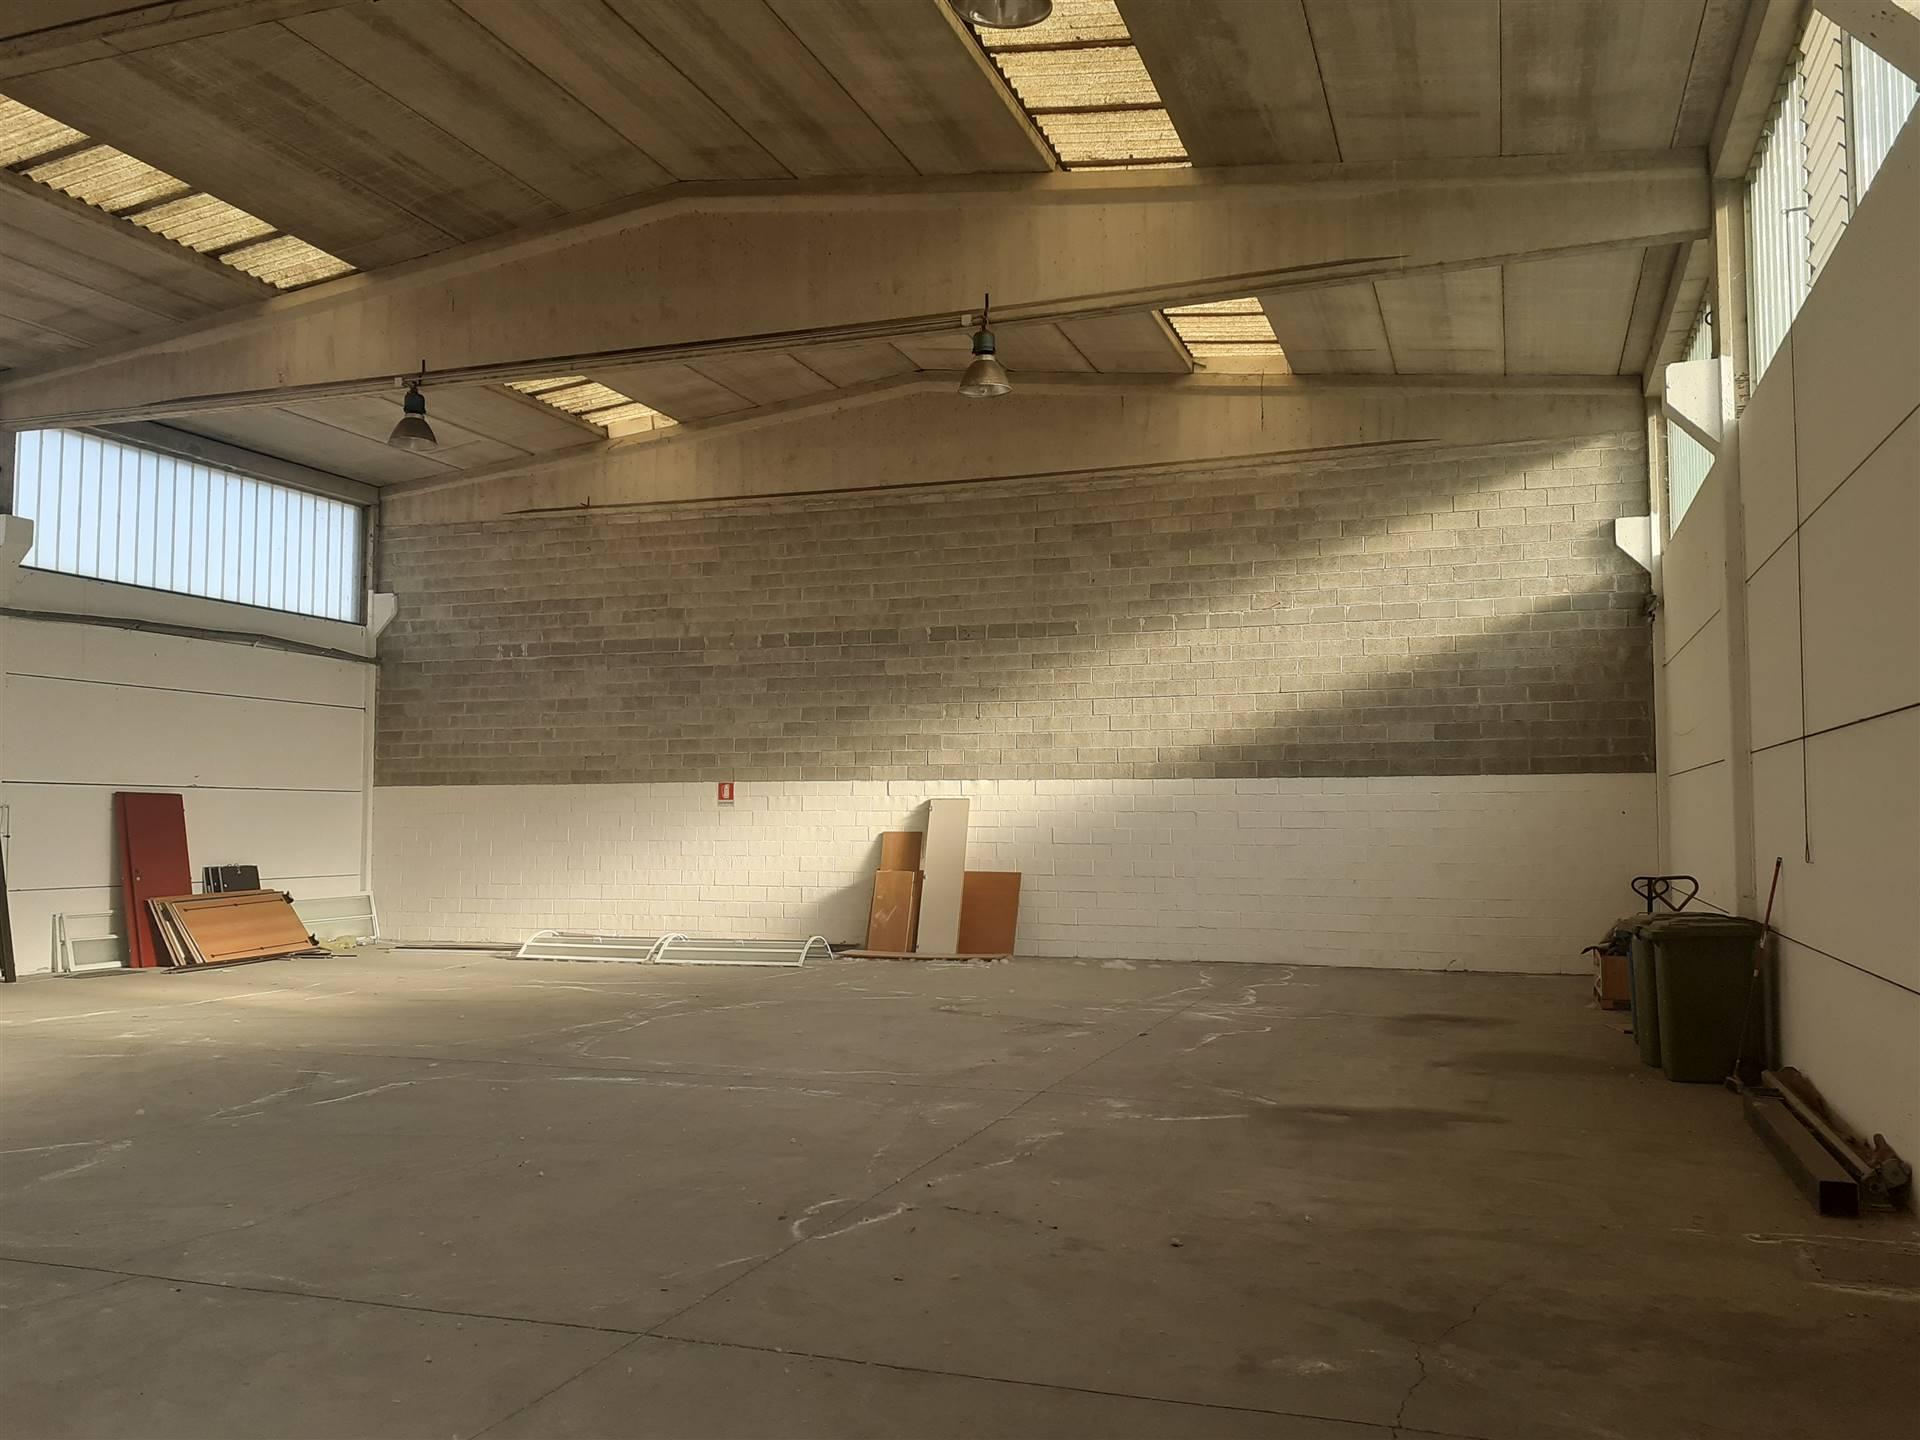 CERNUSCO S/N - zona Via Torino, AFFITTASI ad € 2.500,00 + iva mensili capannone ad uso industriale/artigianale di mq 500, altezza interna 6 mt sotto